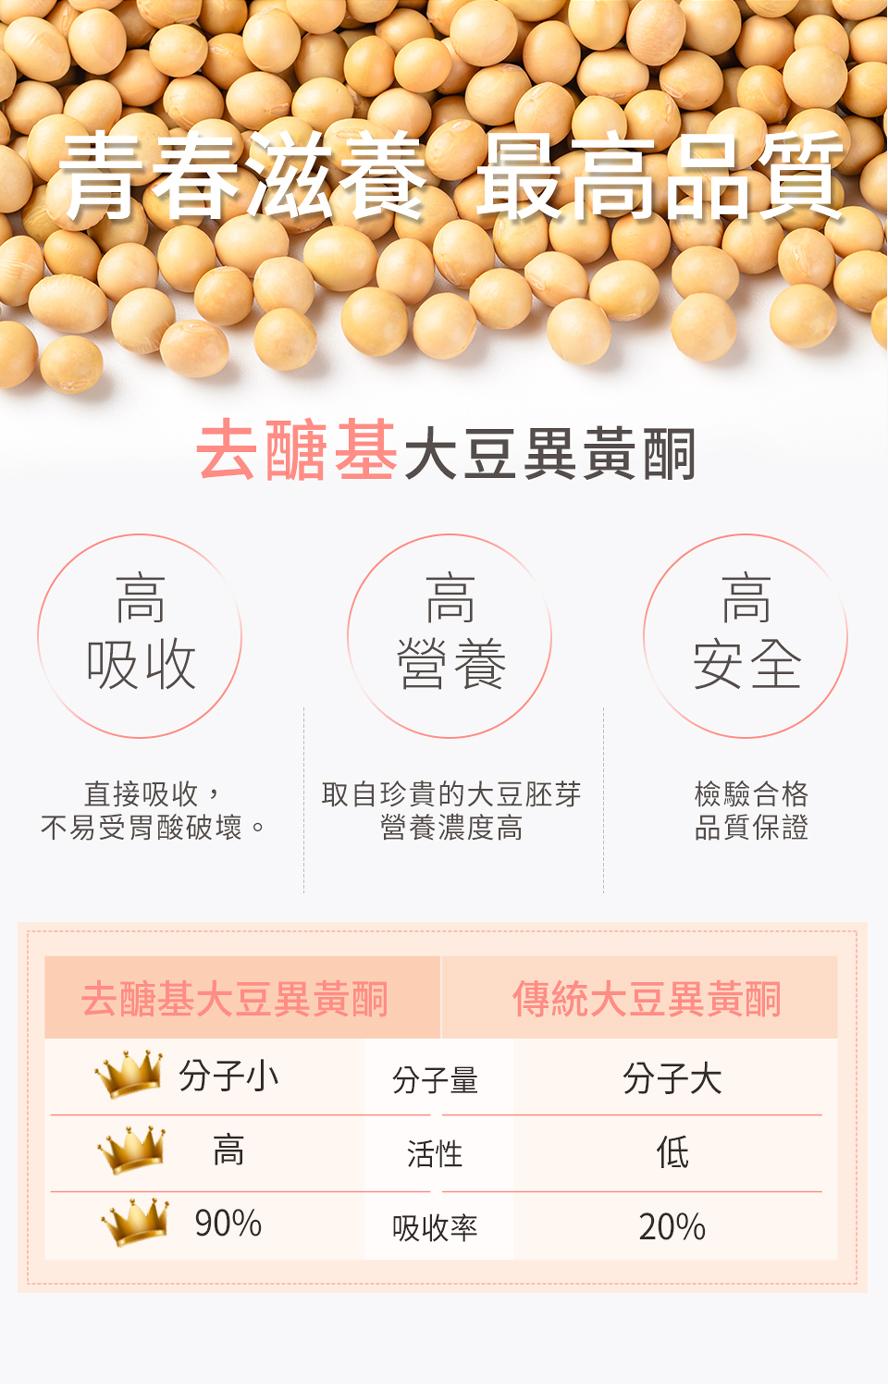 BHK去醣基大豆異黃酮取自大豆胚芽,營養價值高可直接吸收利用,不被胃酸破壞,最高品質的大豆萃取。